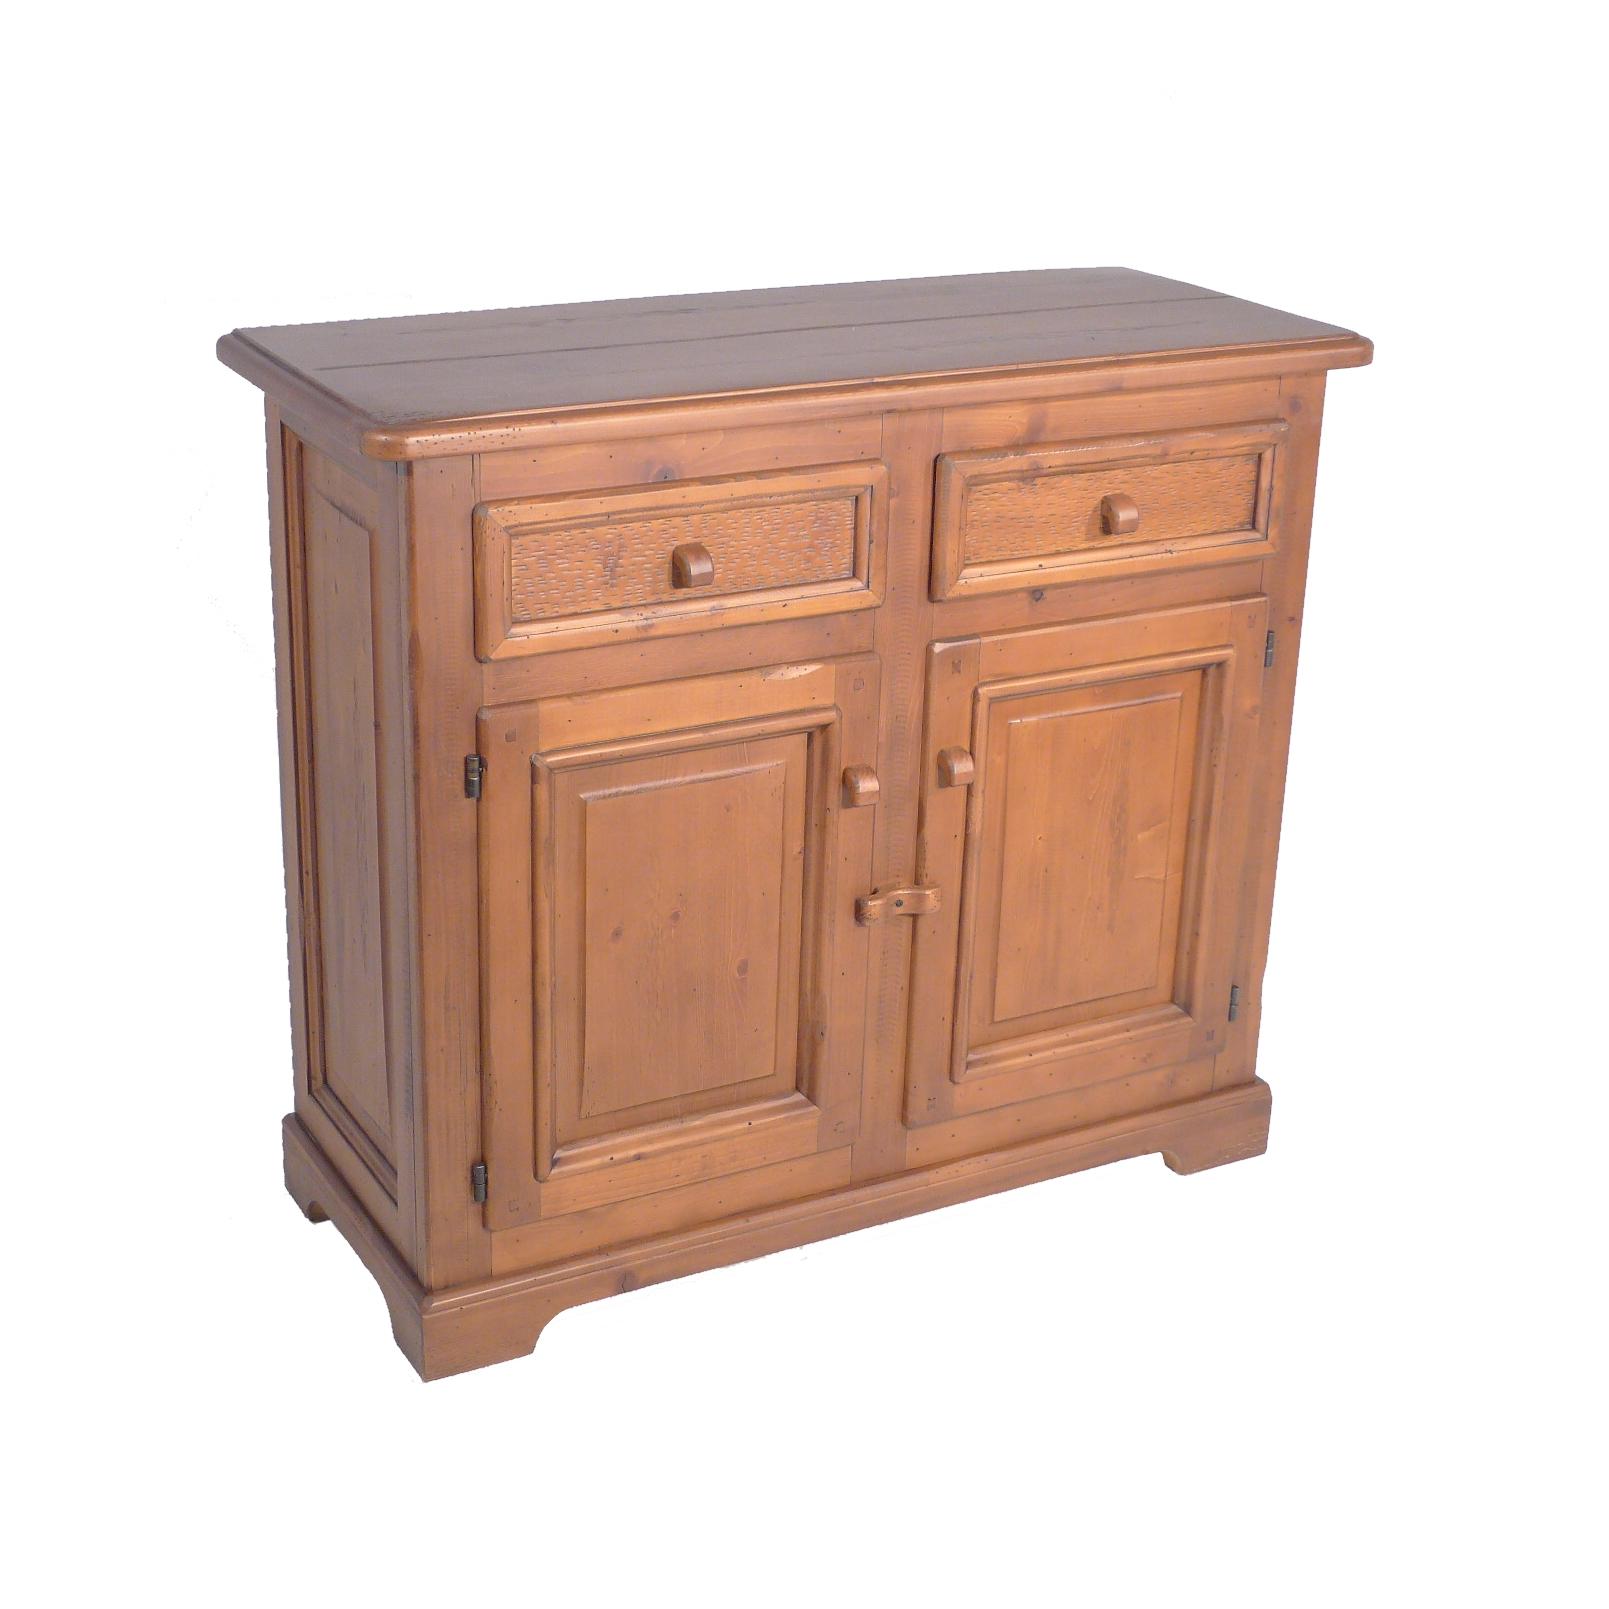 Aparador R Stico De Madera Peque O Ecor Stico Venta De Muebles # Muebles Pequenos De Madera